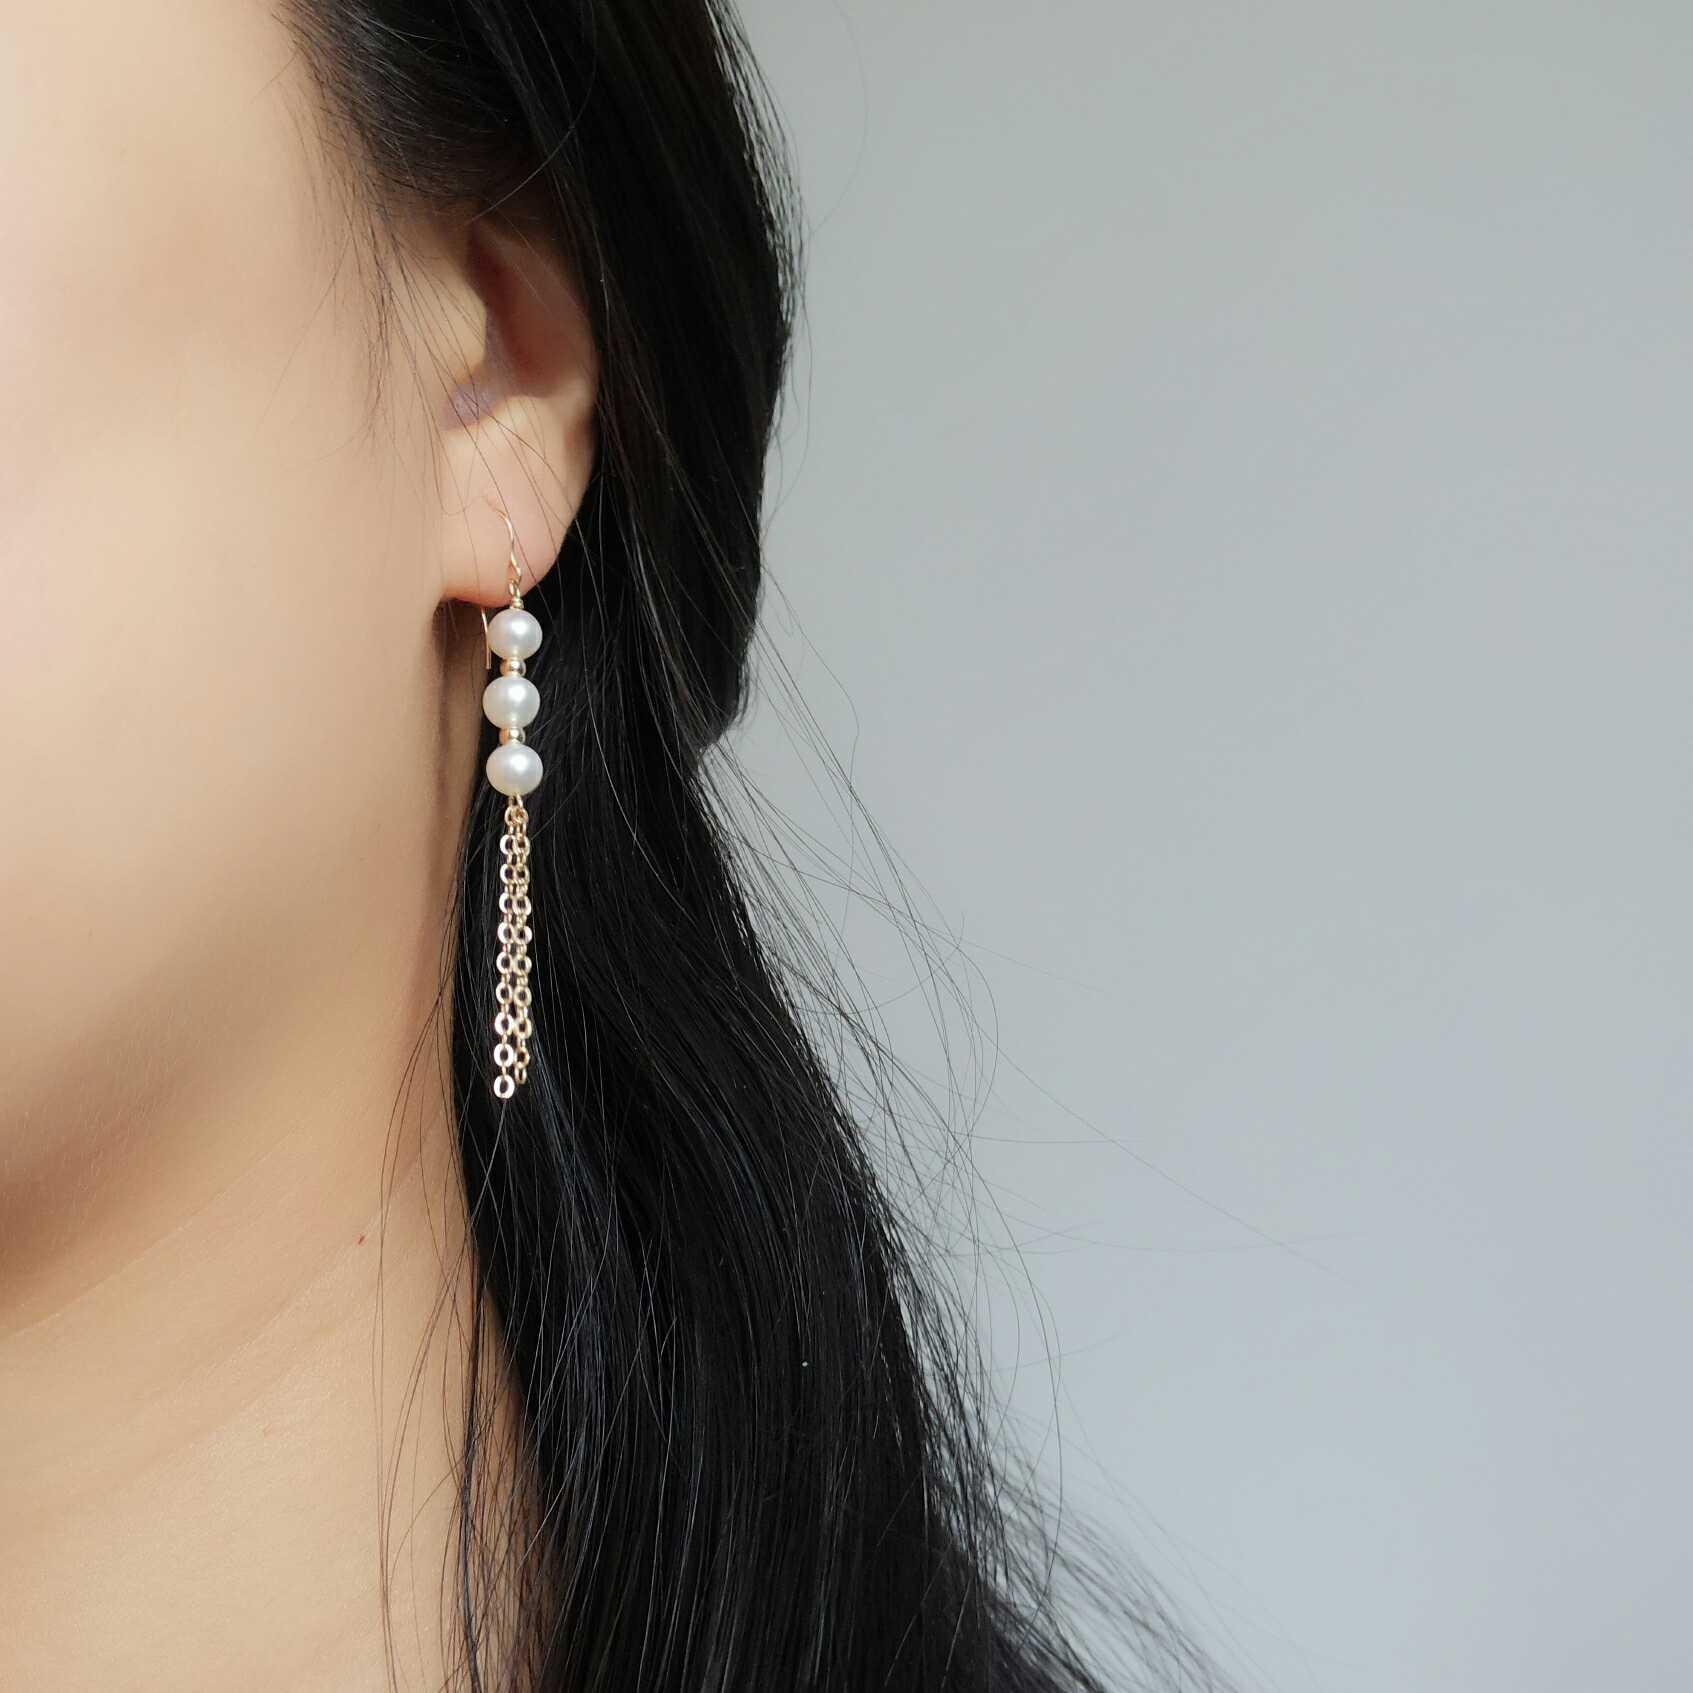 Природный перл ухо кольцо петля серьги серьги клипса ухо женские модели корея темперамент 14k пакет металлический продолговатый денежный поток провинция сучжоу подвески ухо украшения